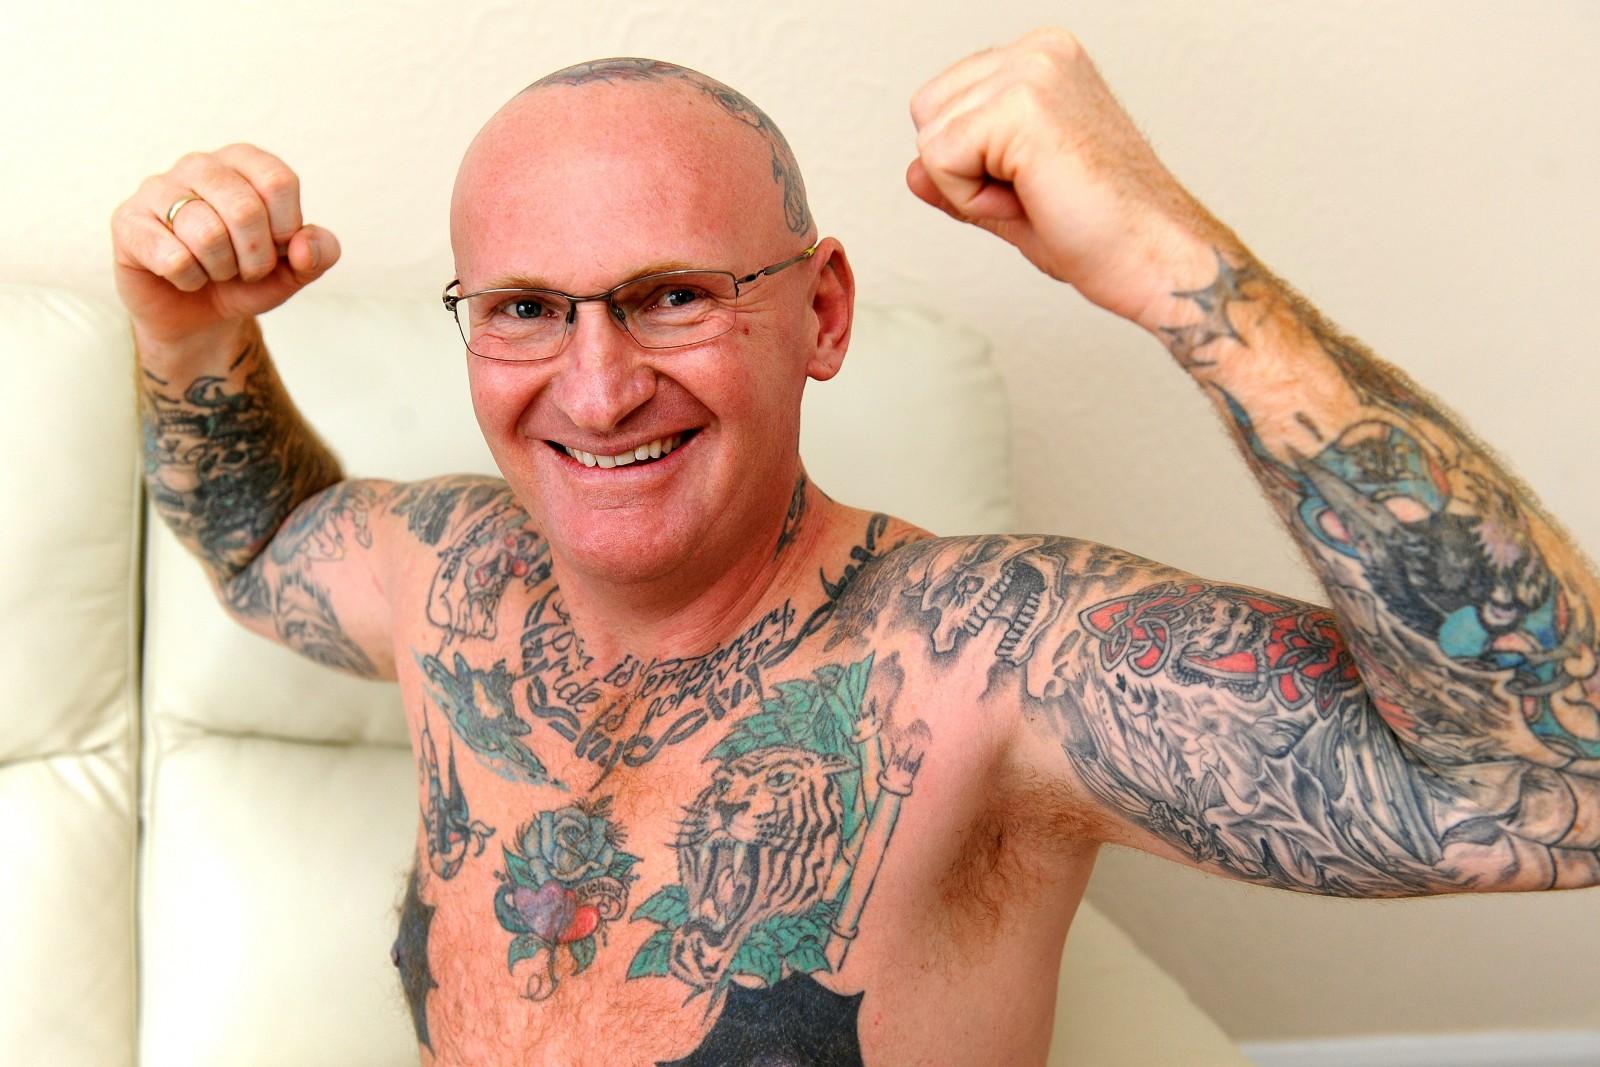 Binman gets huge 'Lady C' tattoo – for a joke